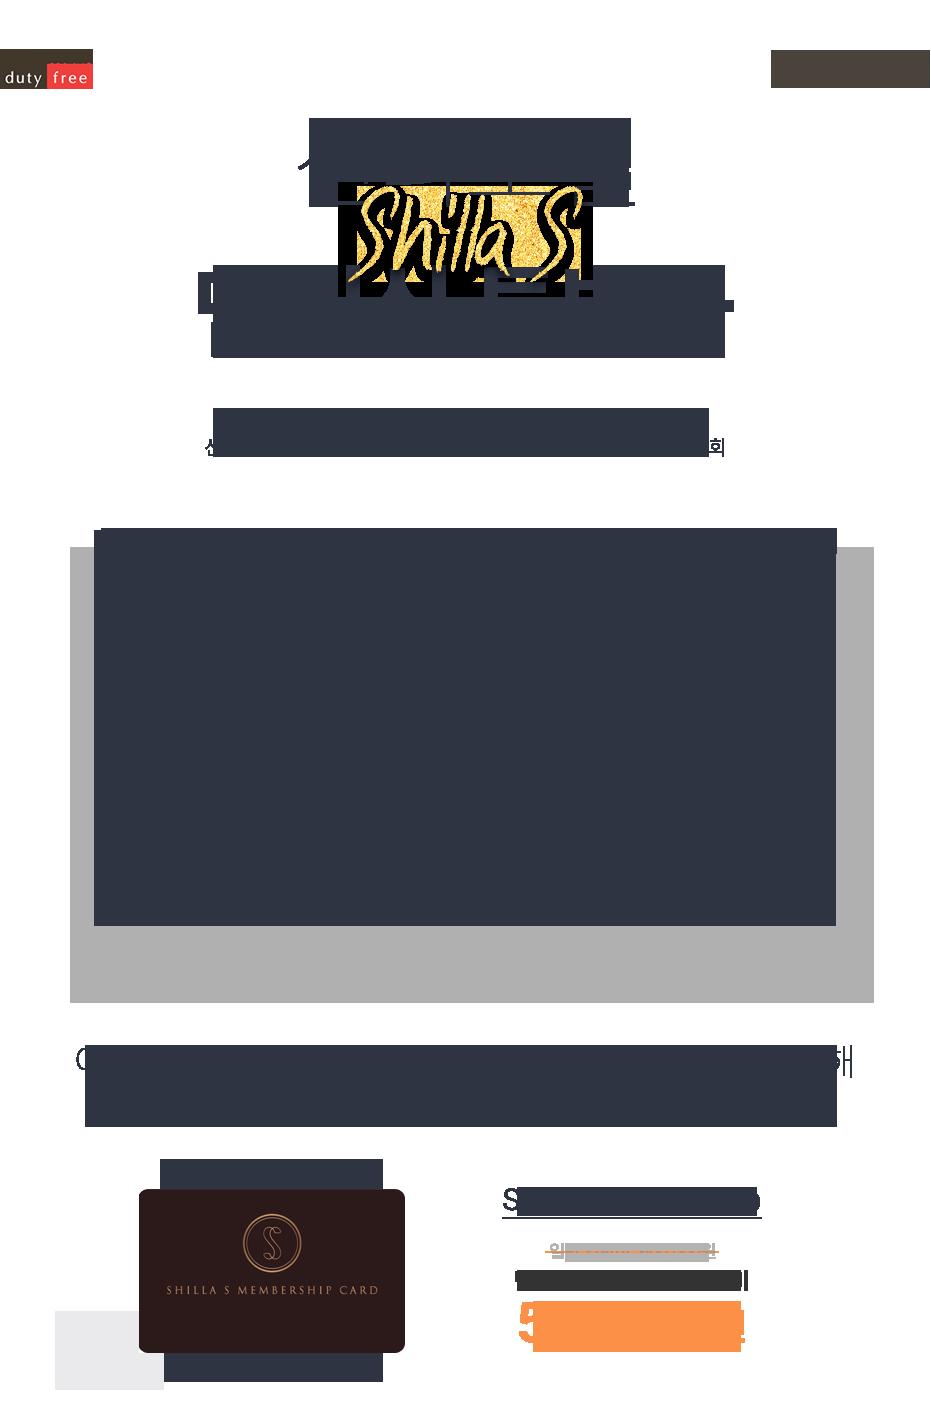 어디에서도 찾아 볼 수 없는 Shilla S 멤버십 특별가를 위해 탐나라 클럽에서 9만원을 지원해드립니다.